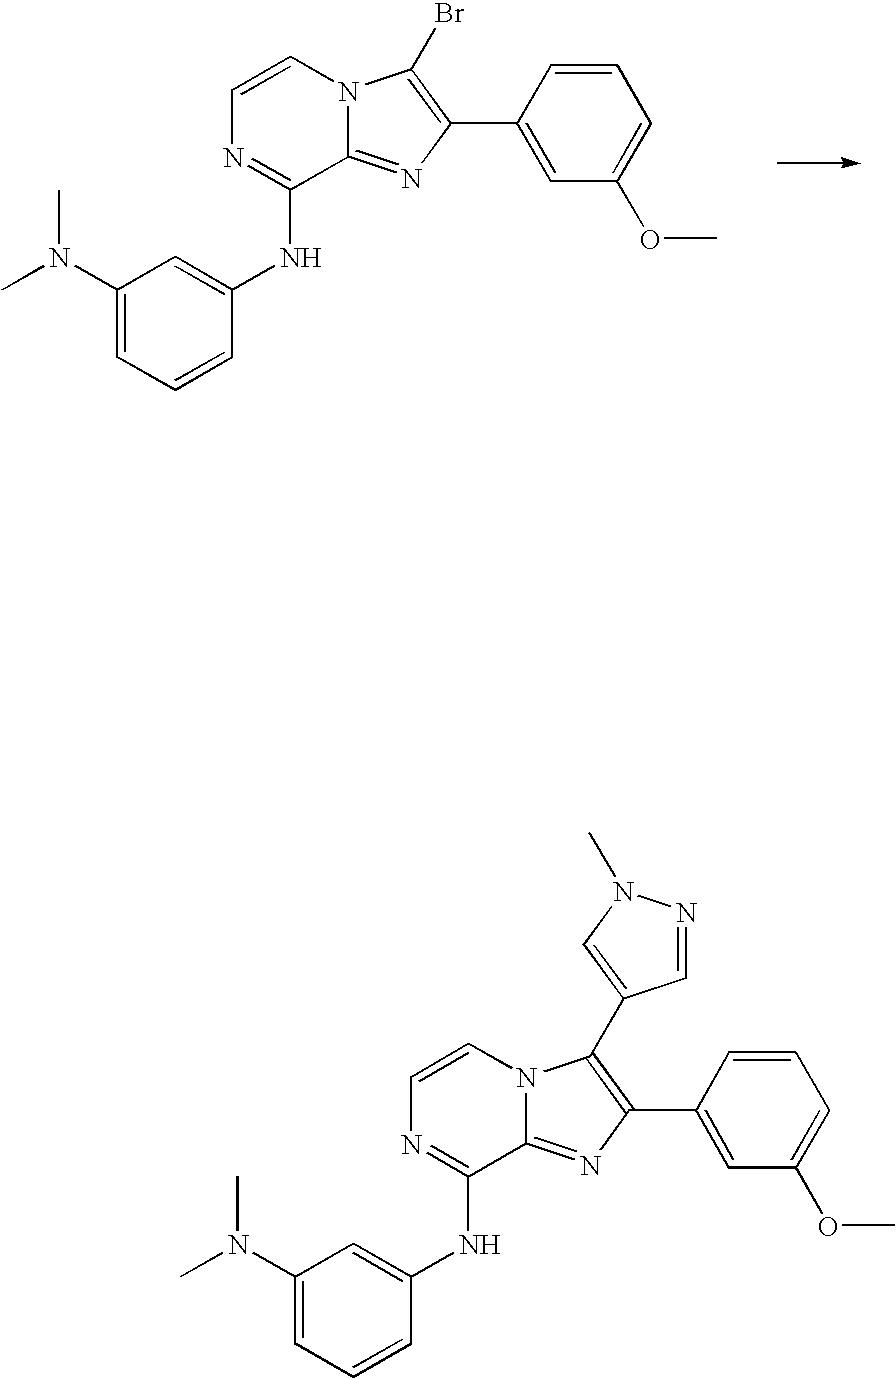 Figure US20070117804A1-20070524-C00313